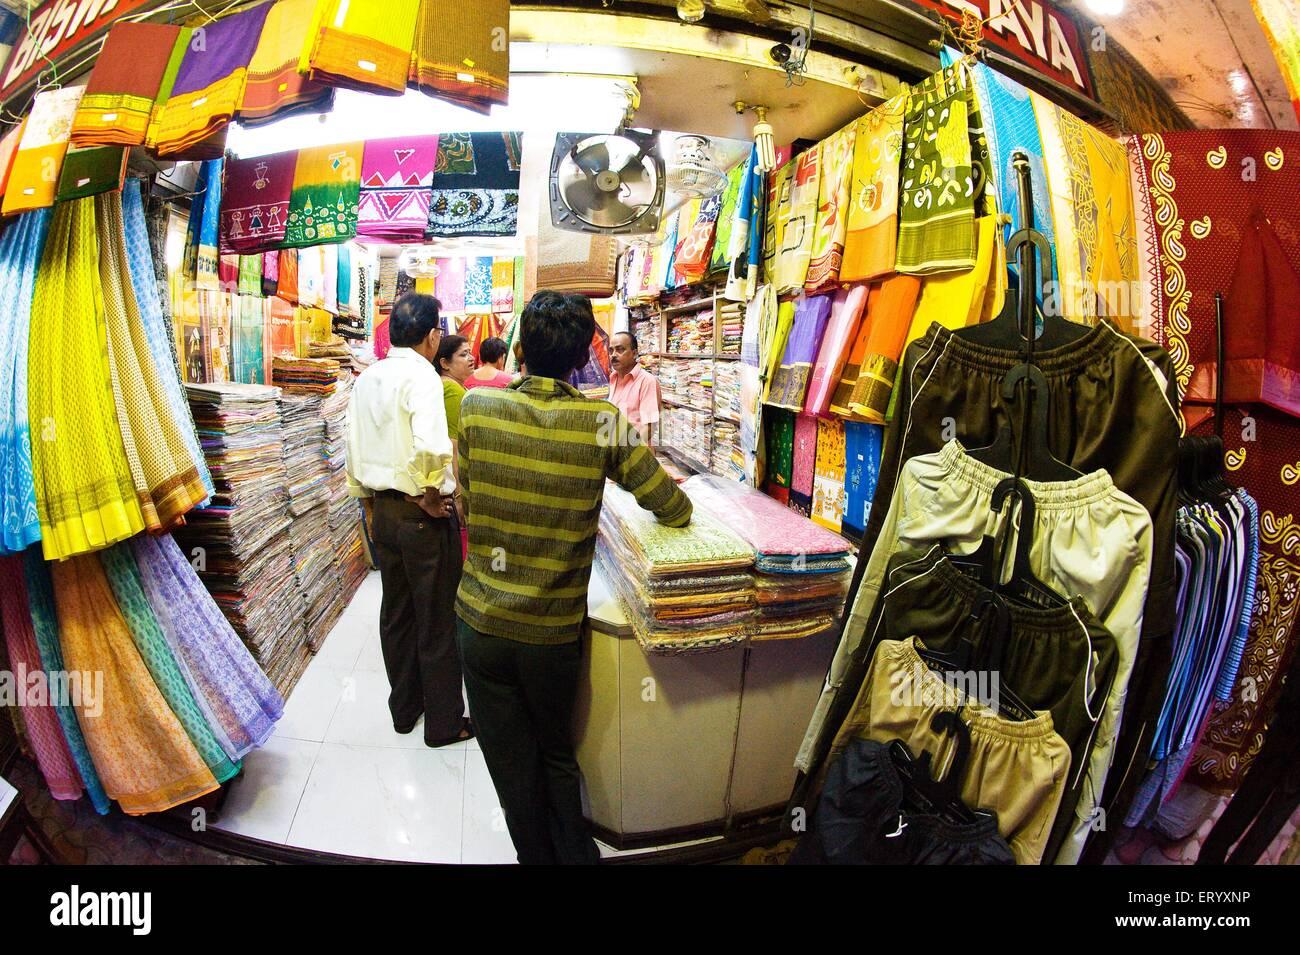 Abito negozio di materiale ; Gariahat ; Calcutta Kolkata ; Bengala Occidentale ; India Immagini Stock